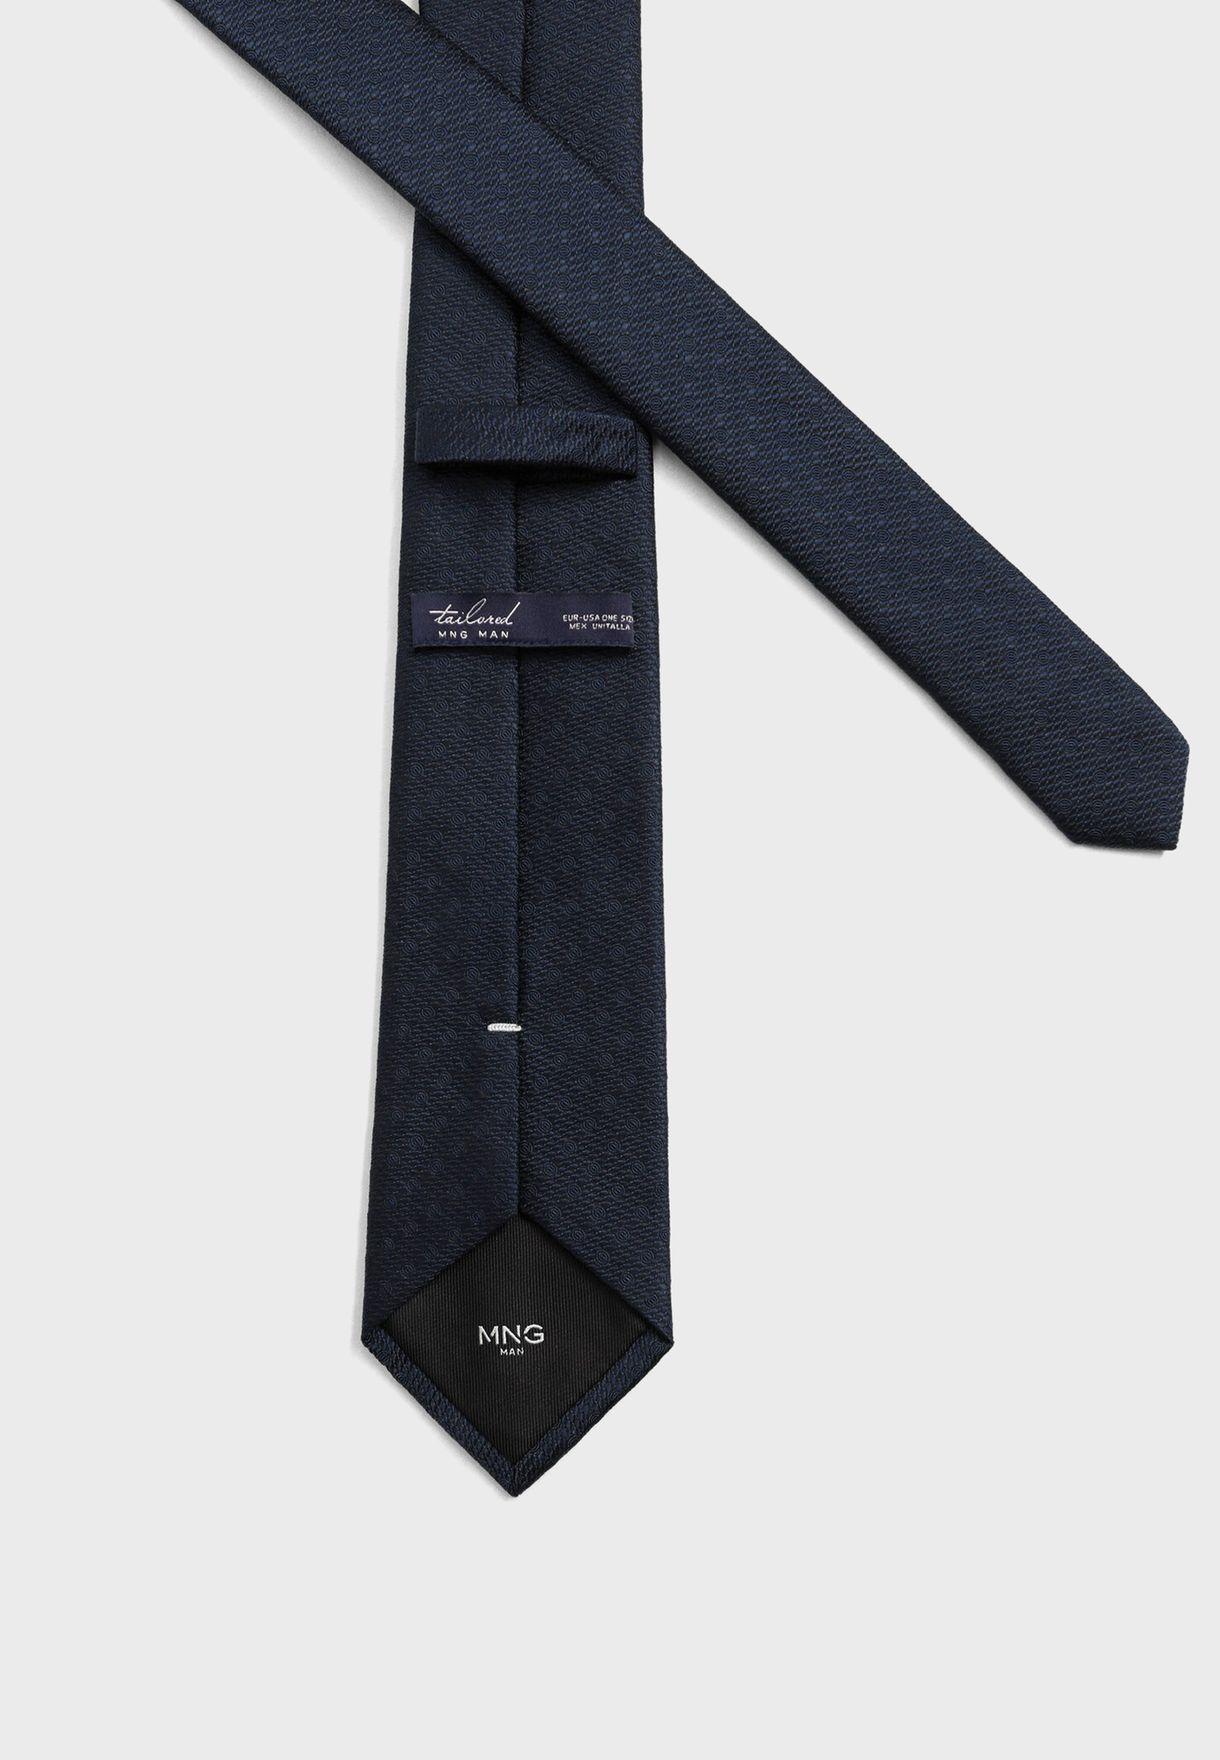 Basic7 Tie